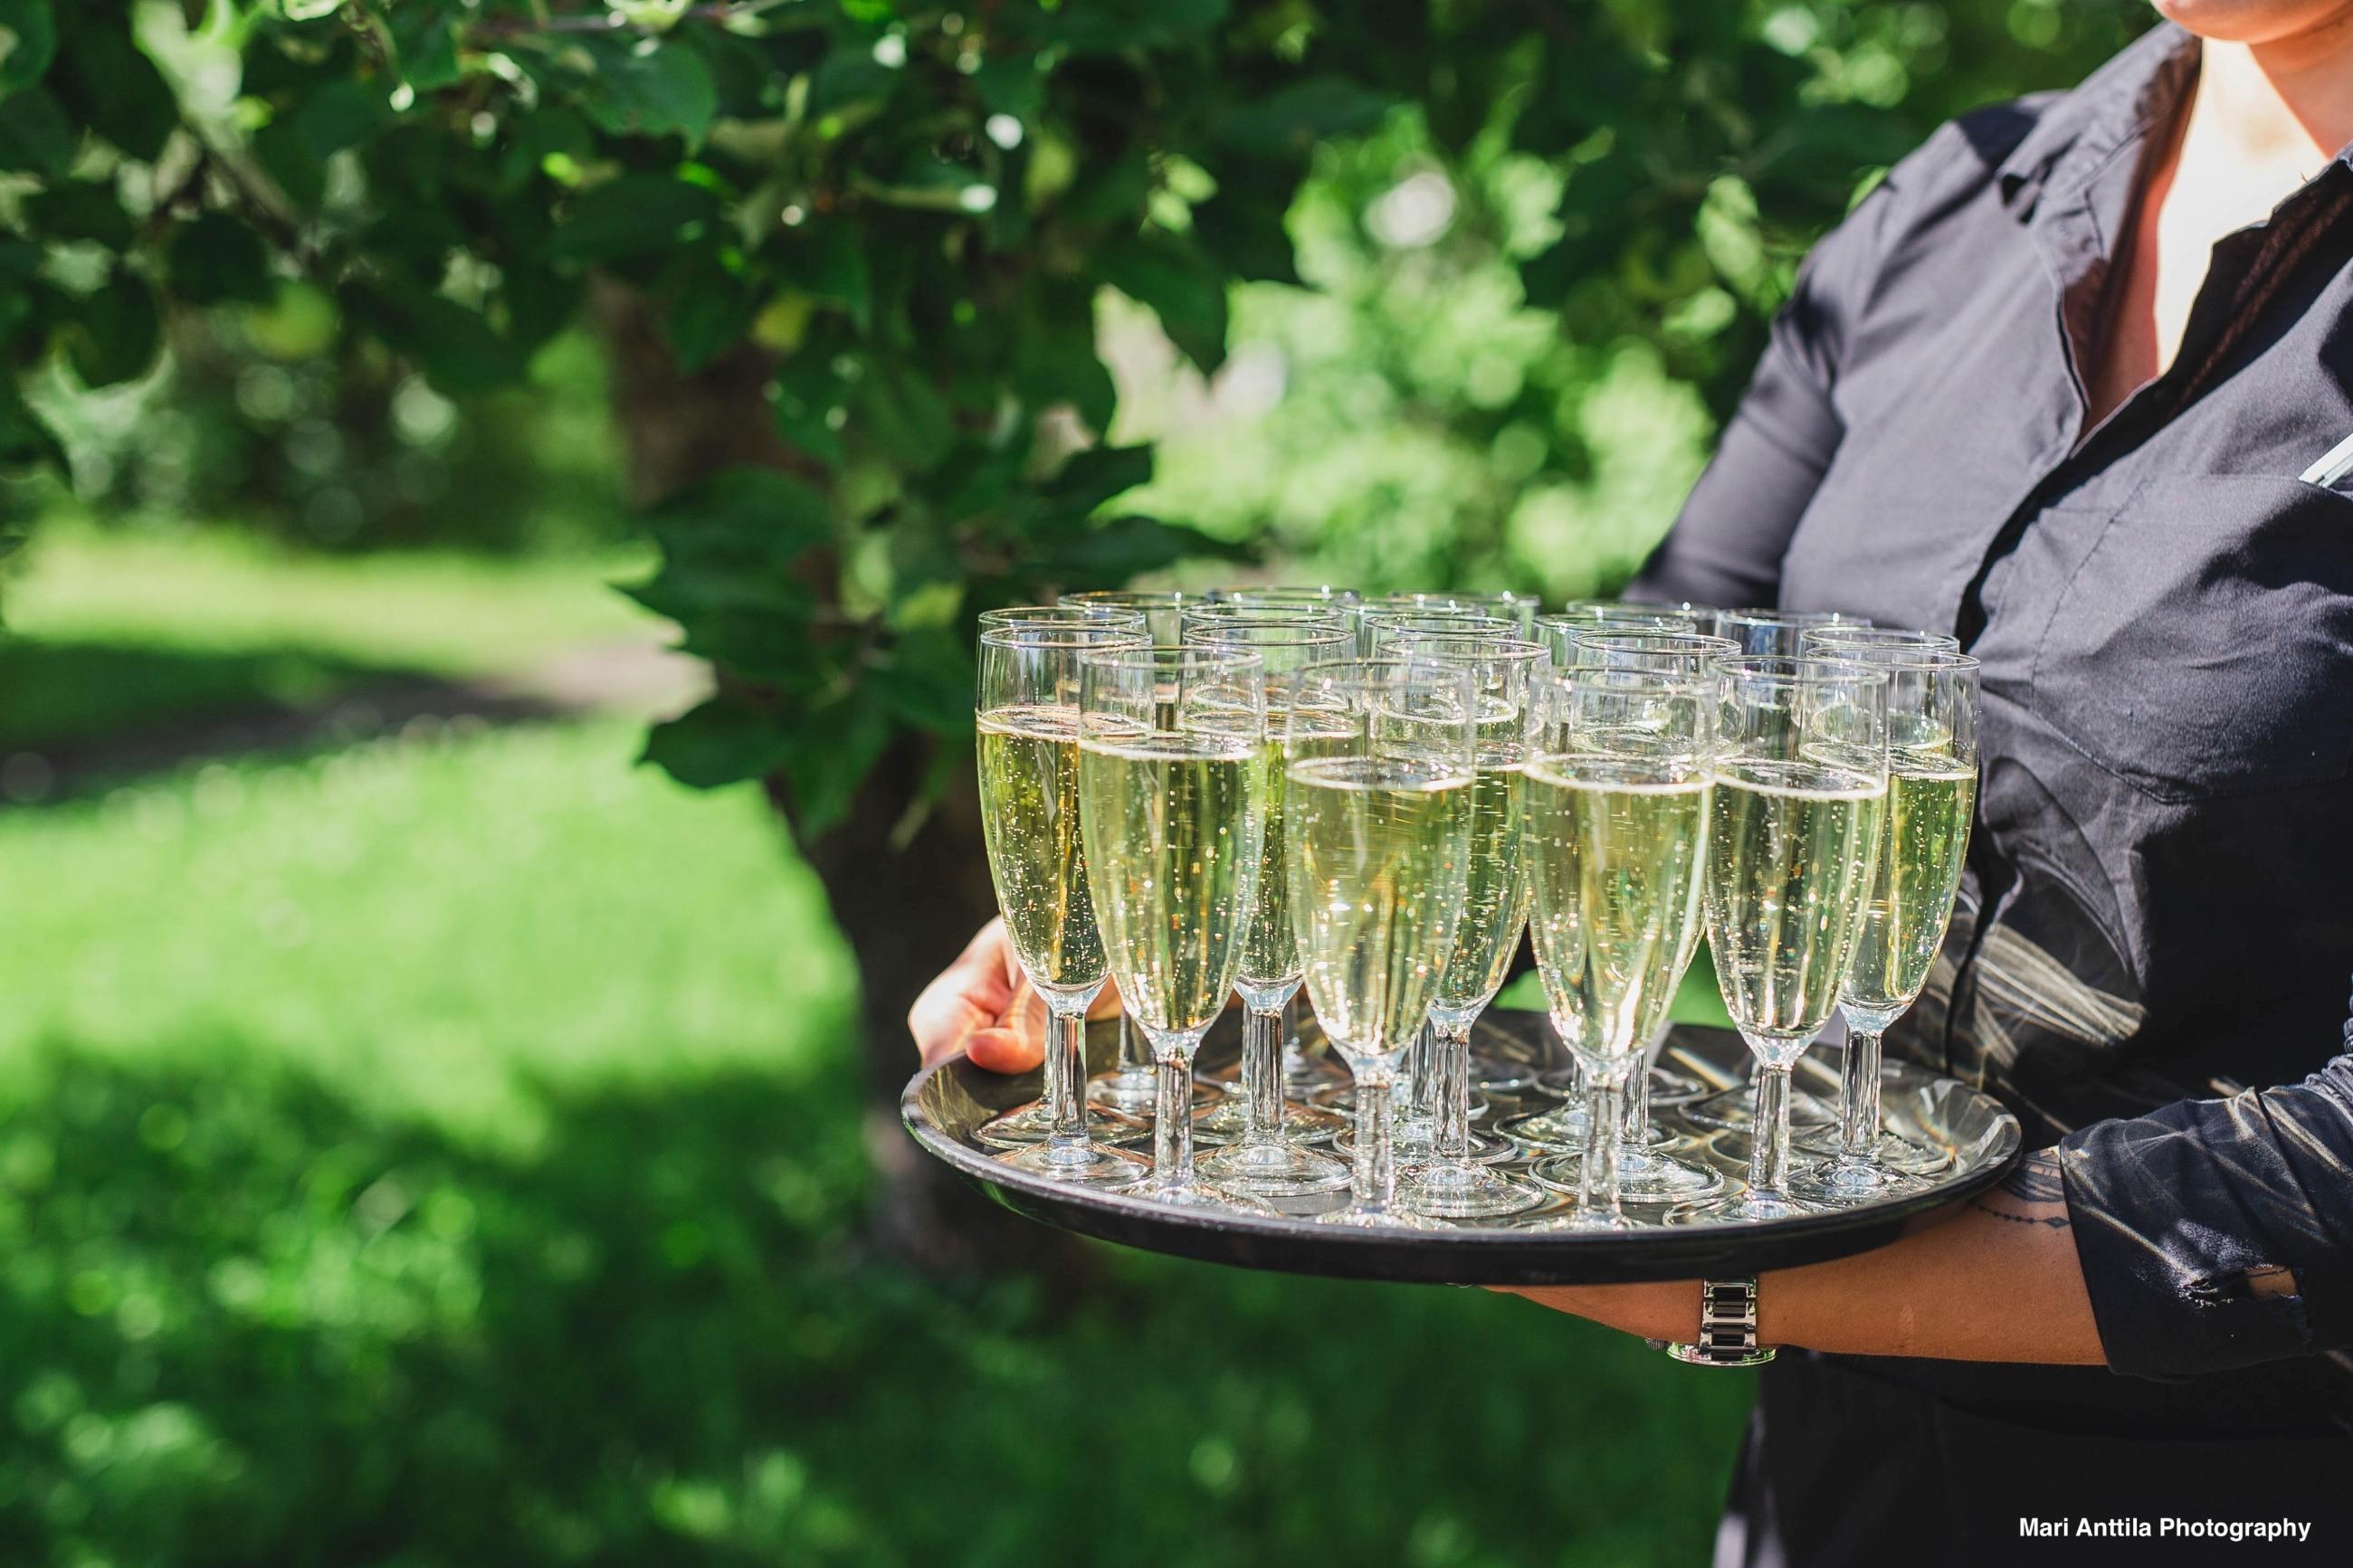 Toteutamme parhaat palvelut juhlapäiväänne yhteistyökumppaneidemme kanssa Turku